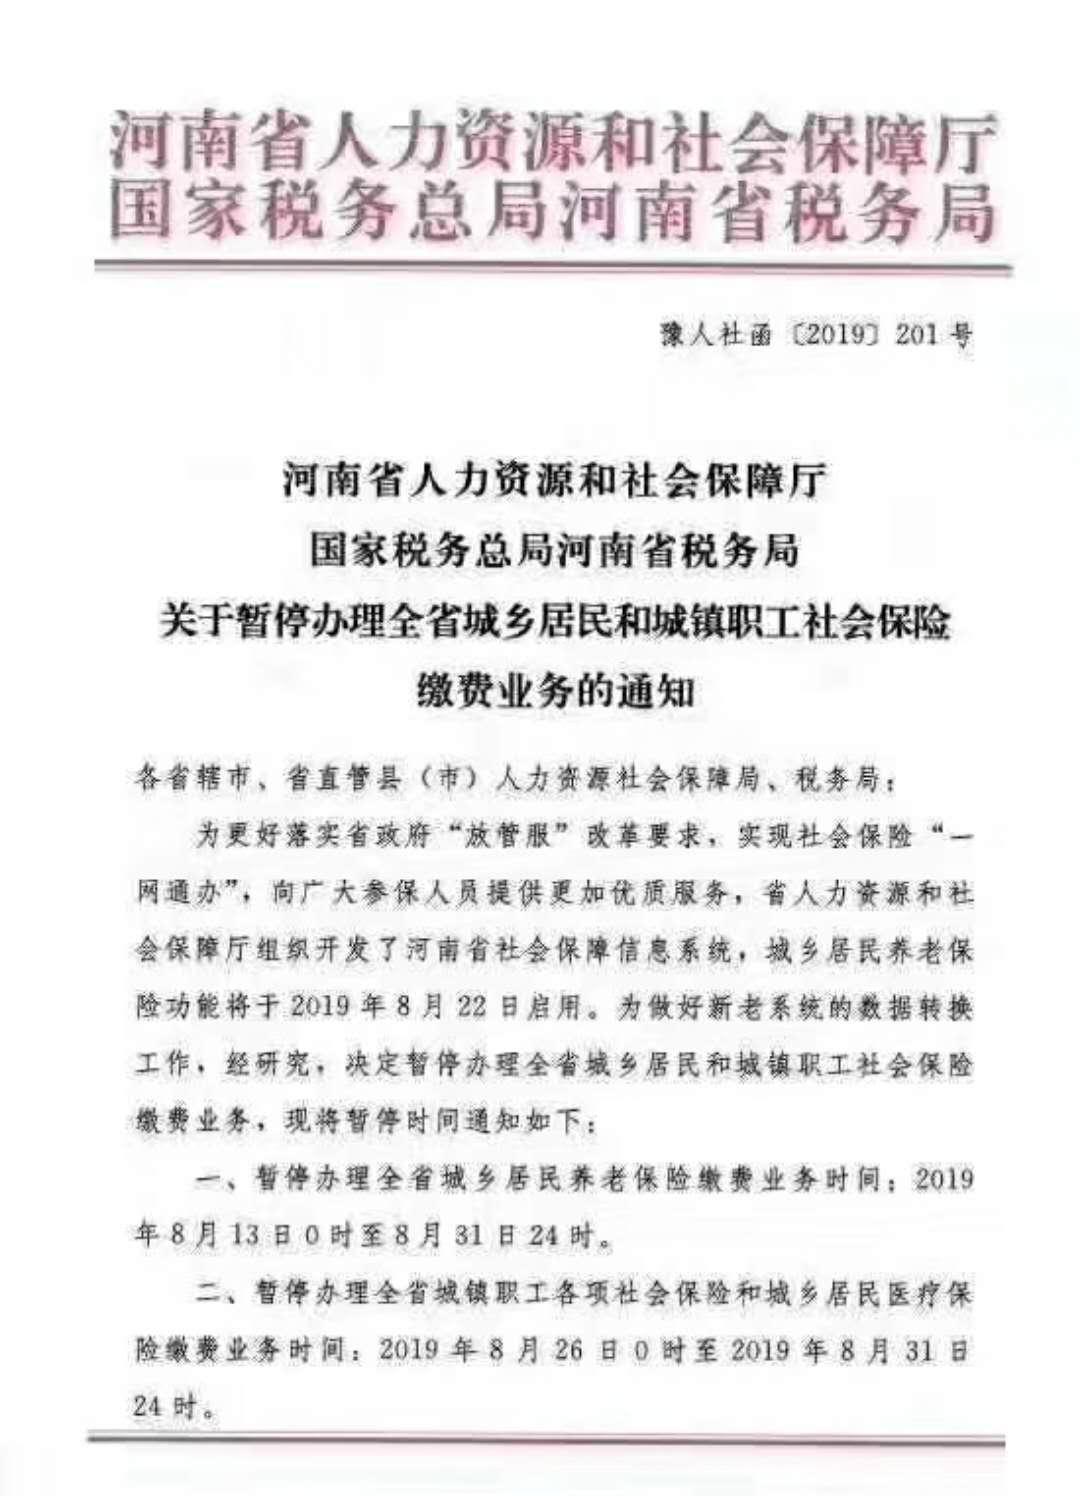 暂停办理全省城乡居民和城镇职工社会保险缴费业务